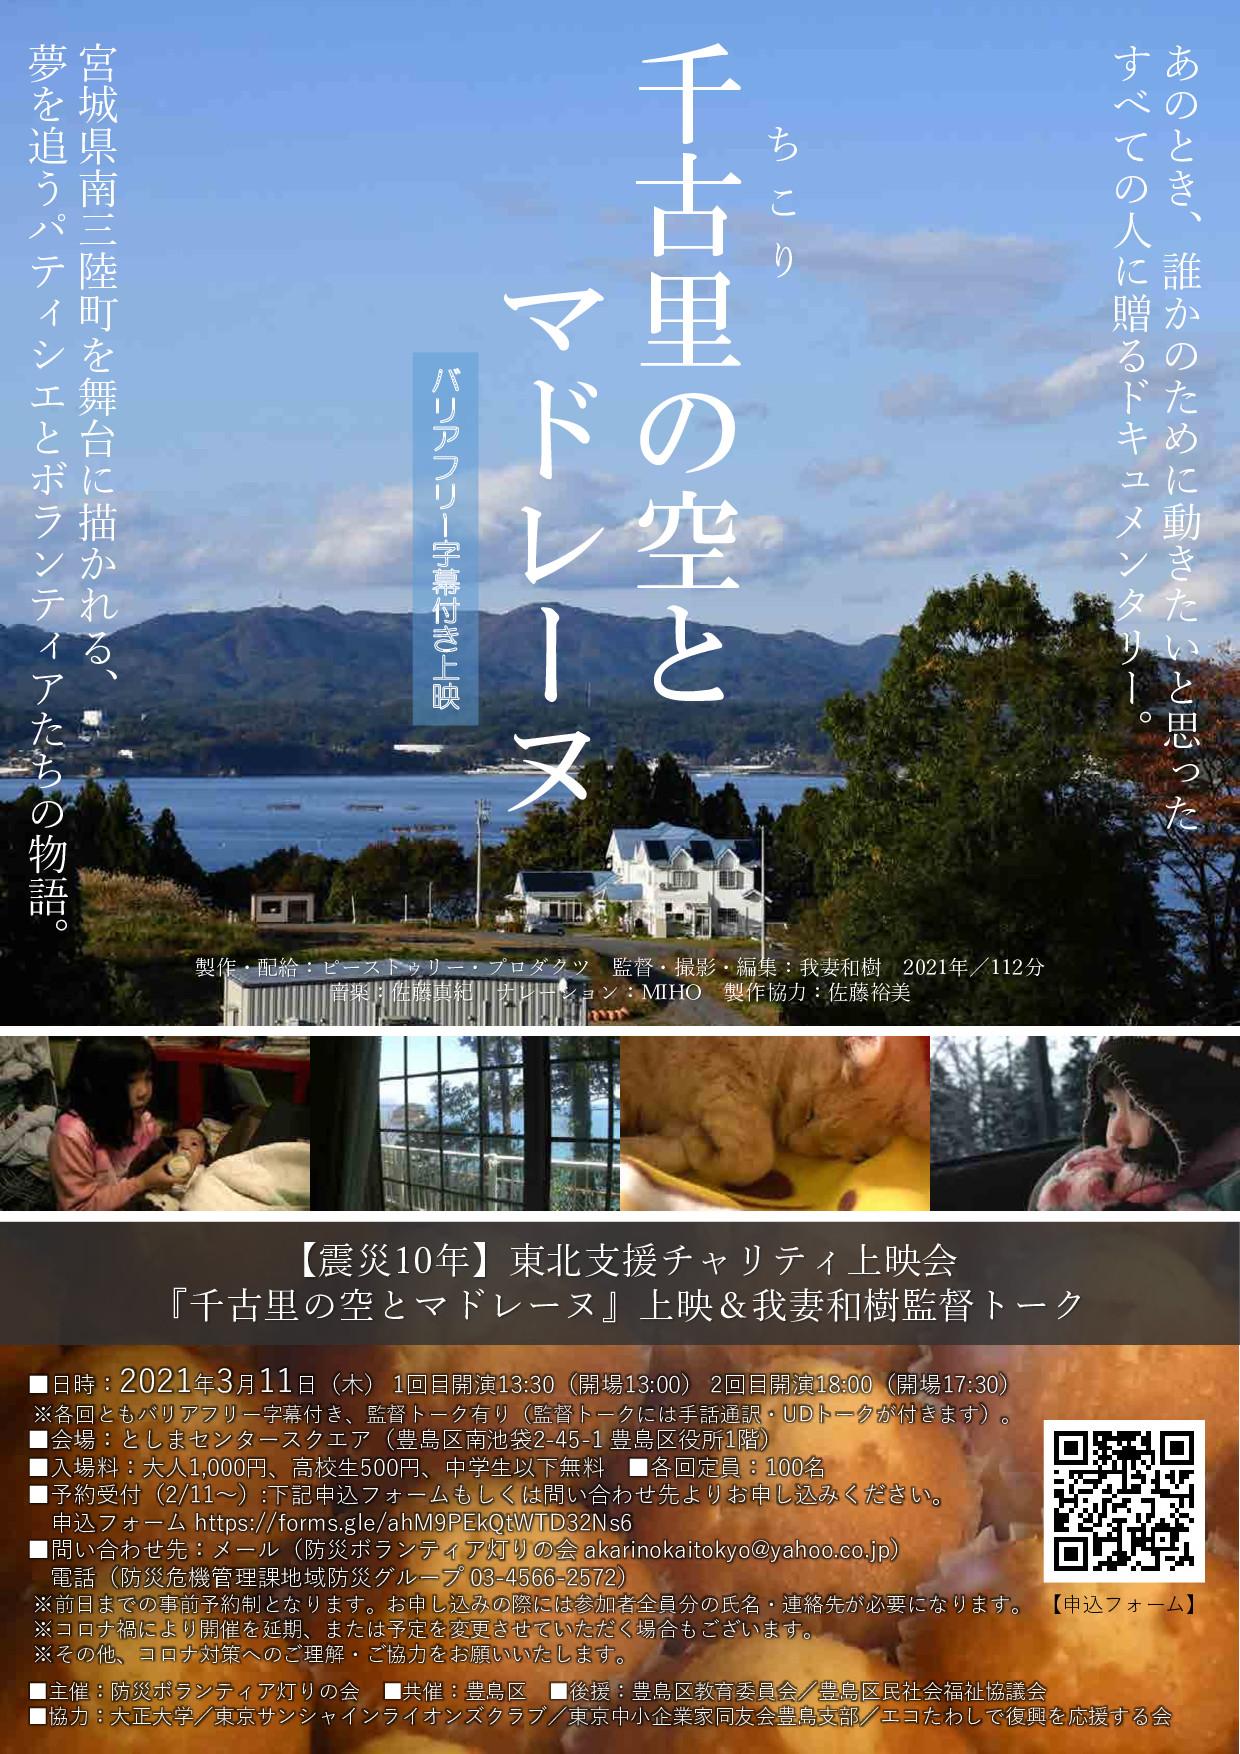 チャリティ上映会 チラシ_001